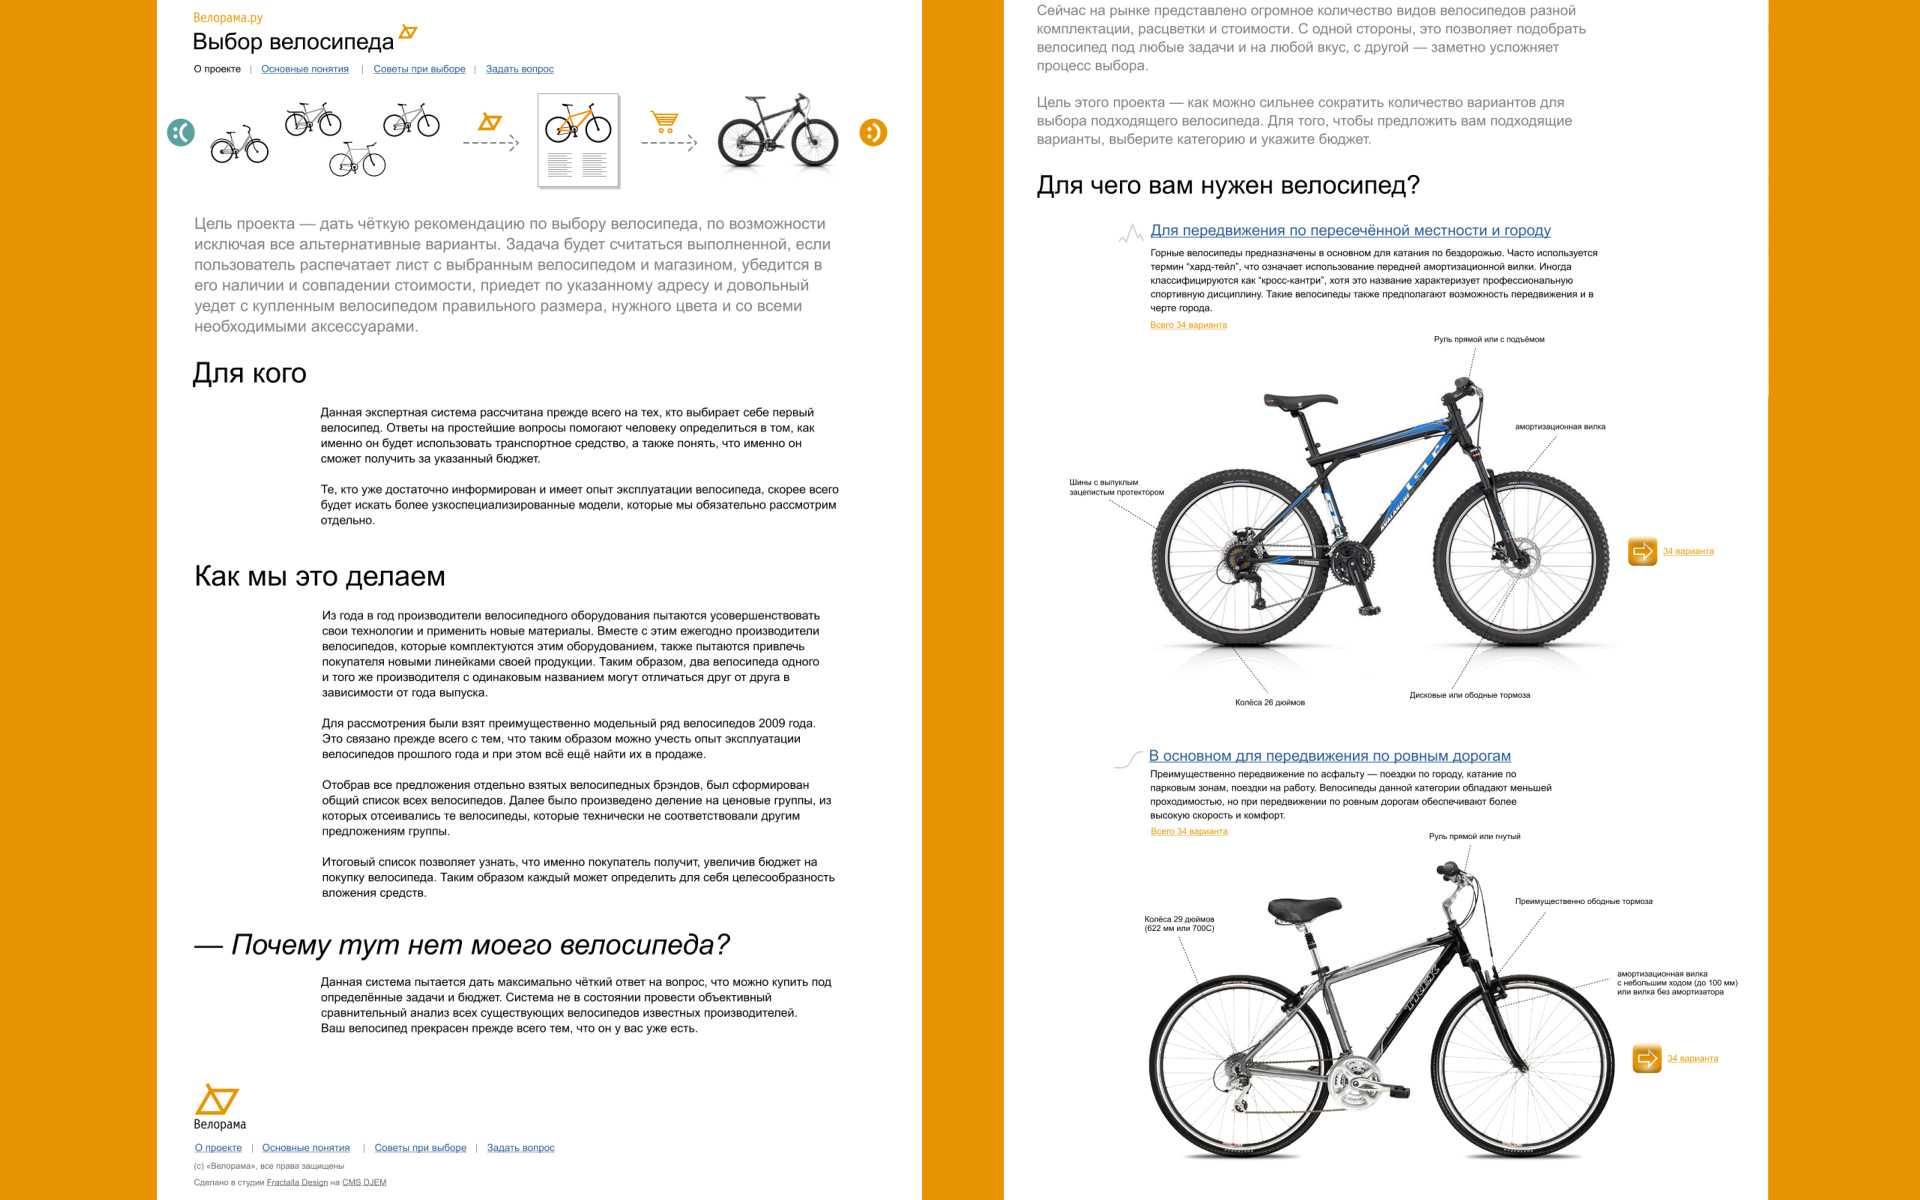 Вред велосипеда для мужчин, опасности для здоровья